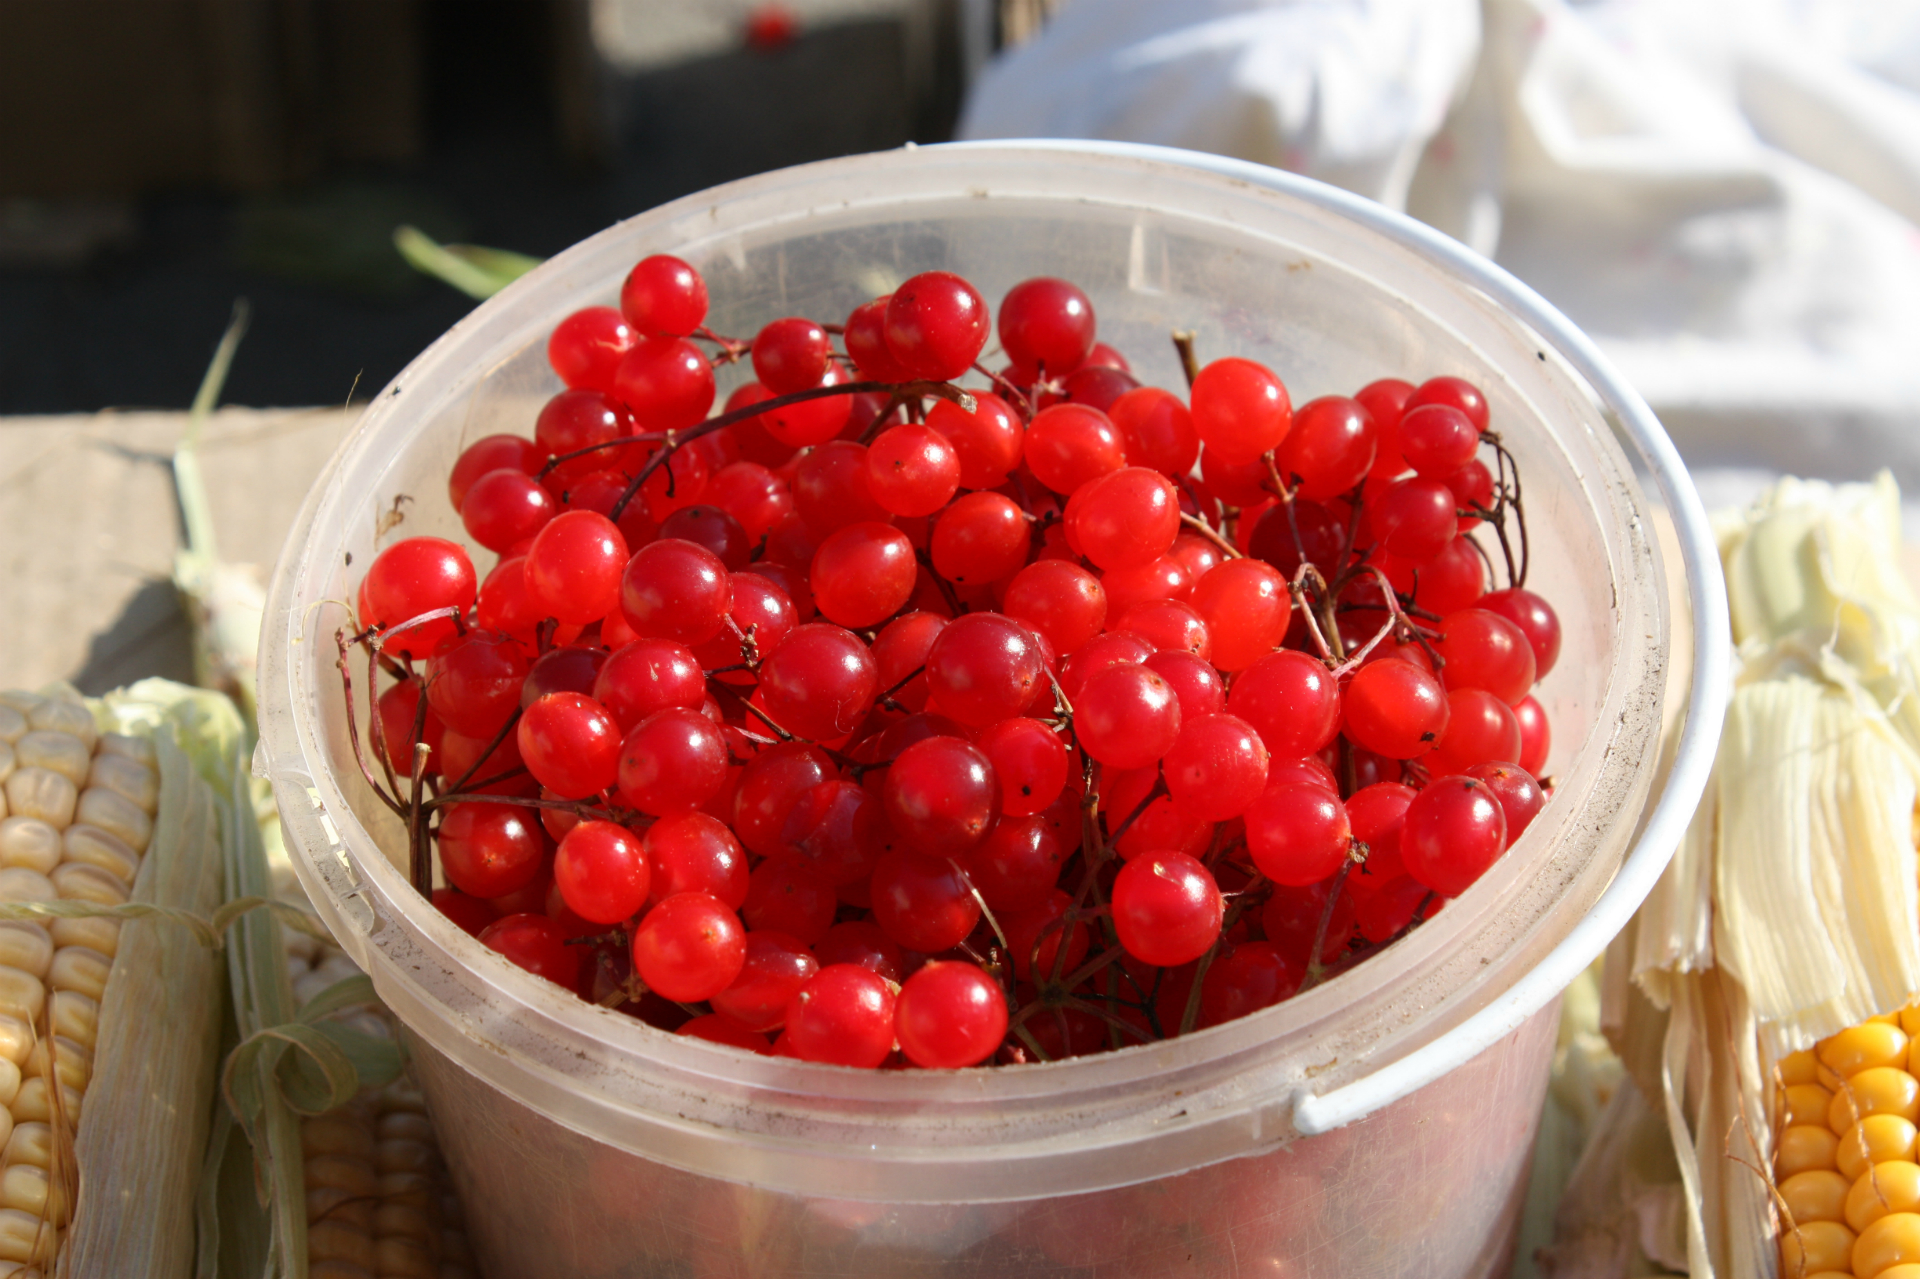 Калина по своему виду похожа на красную смородину, покупатели часто путают эти ягоды. А вот по вкусу горьковатую от кислой ягоды точно отличат